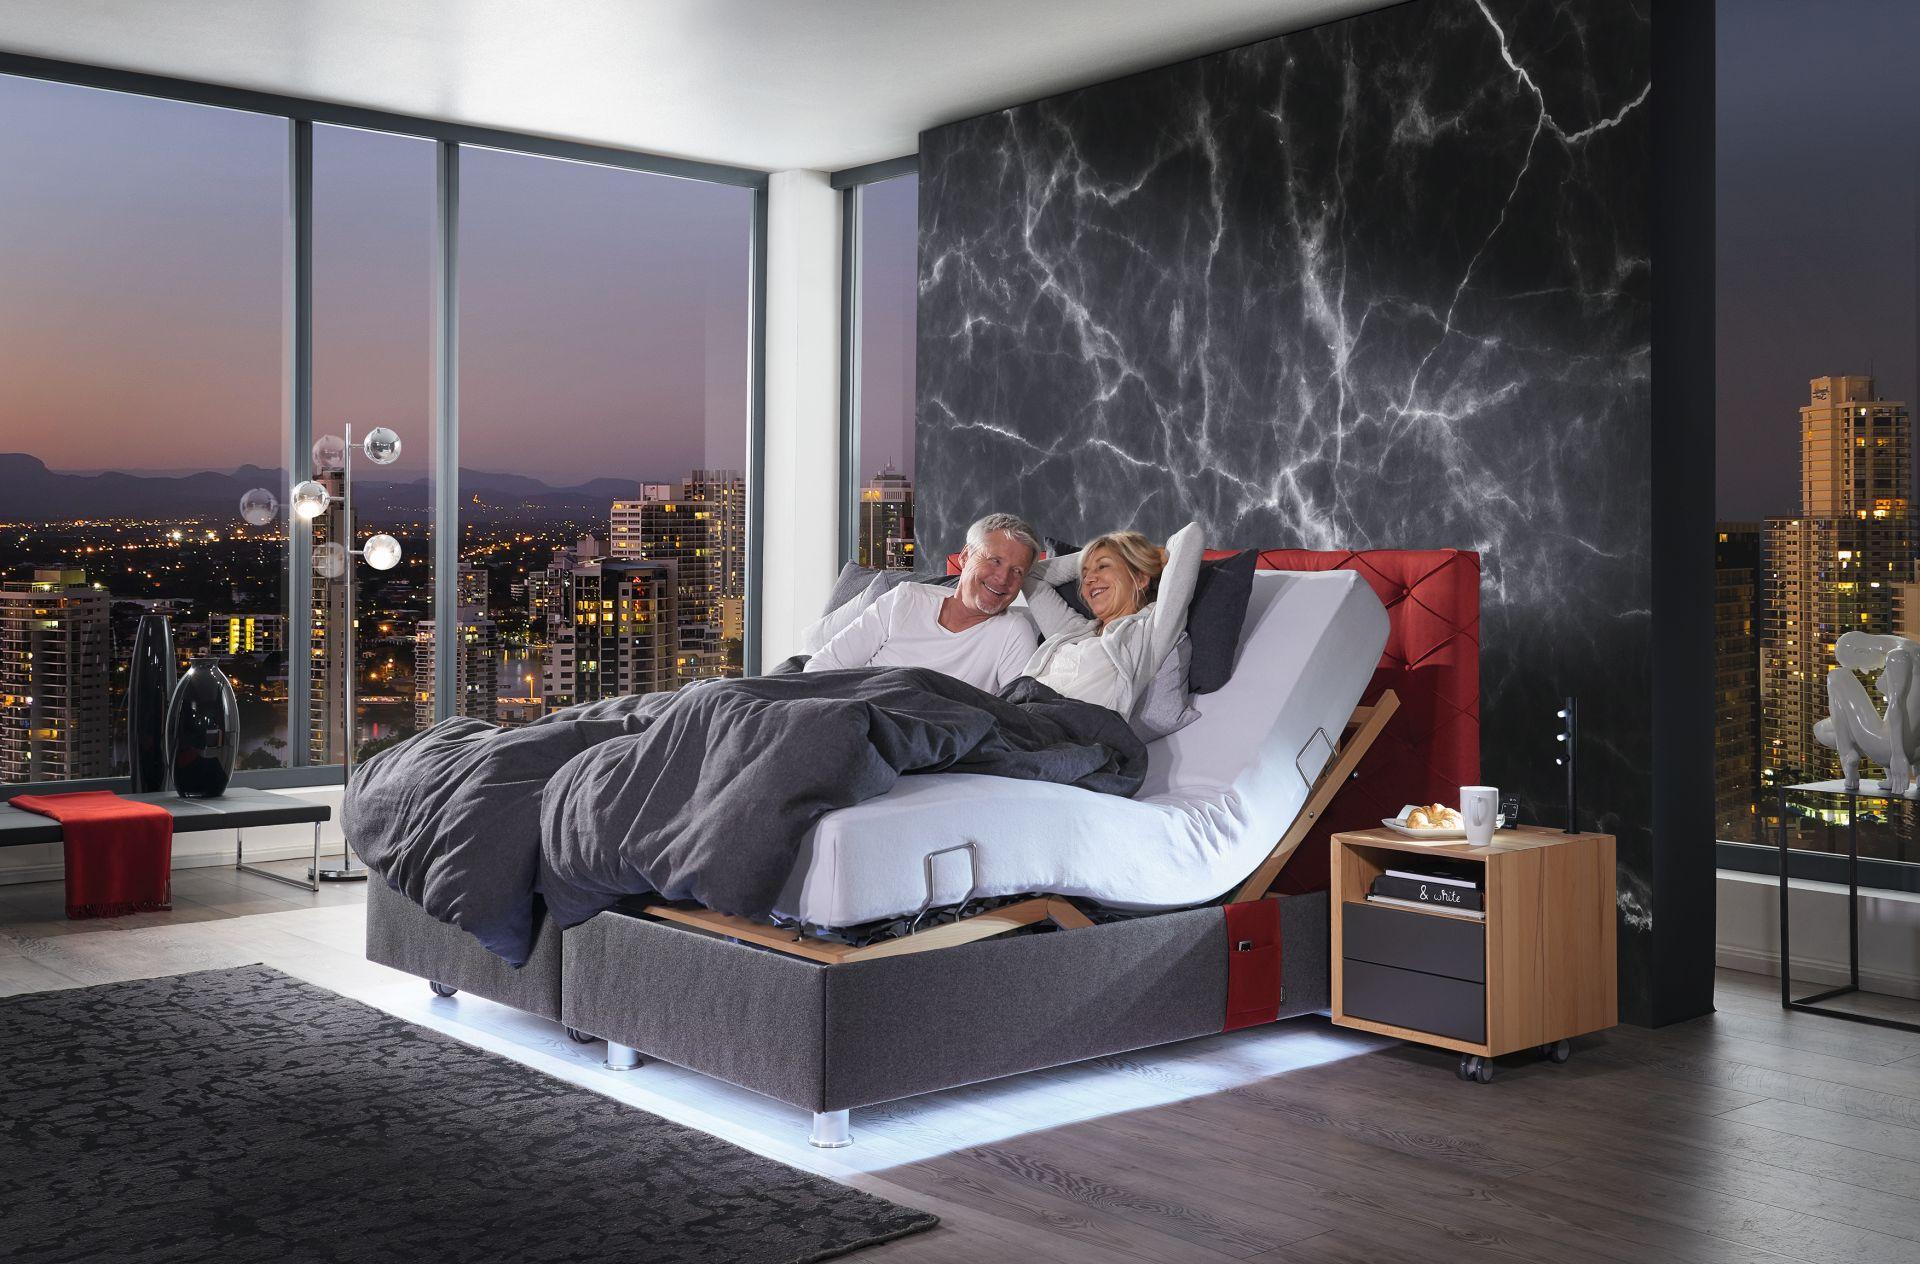 Full Size of Hohe Betten Kirchner Hhenverstellbare Komfortbetten Mit Niveau Segger Möbel Boss Amerikanische Designer überlänge Kaufen Landhausstil Billige Gebrauchte Bett Hohe Betten